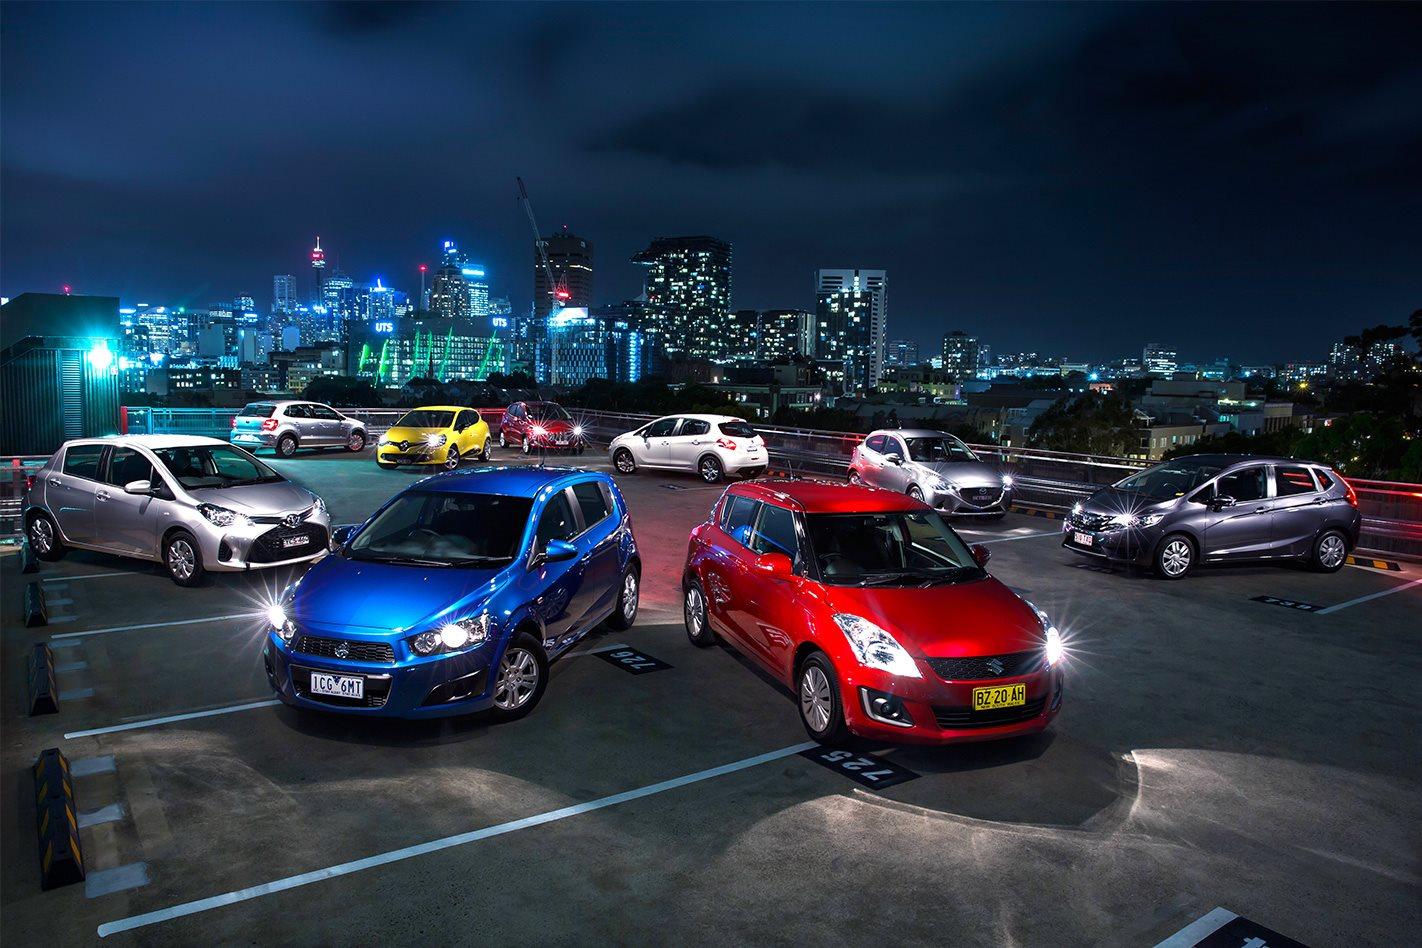 VW Polo v Mazda 2 v Renault Clio v Peugeot 208 v Honda Jazz v Suzuki